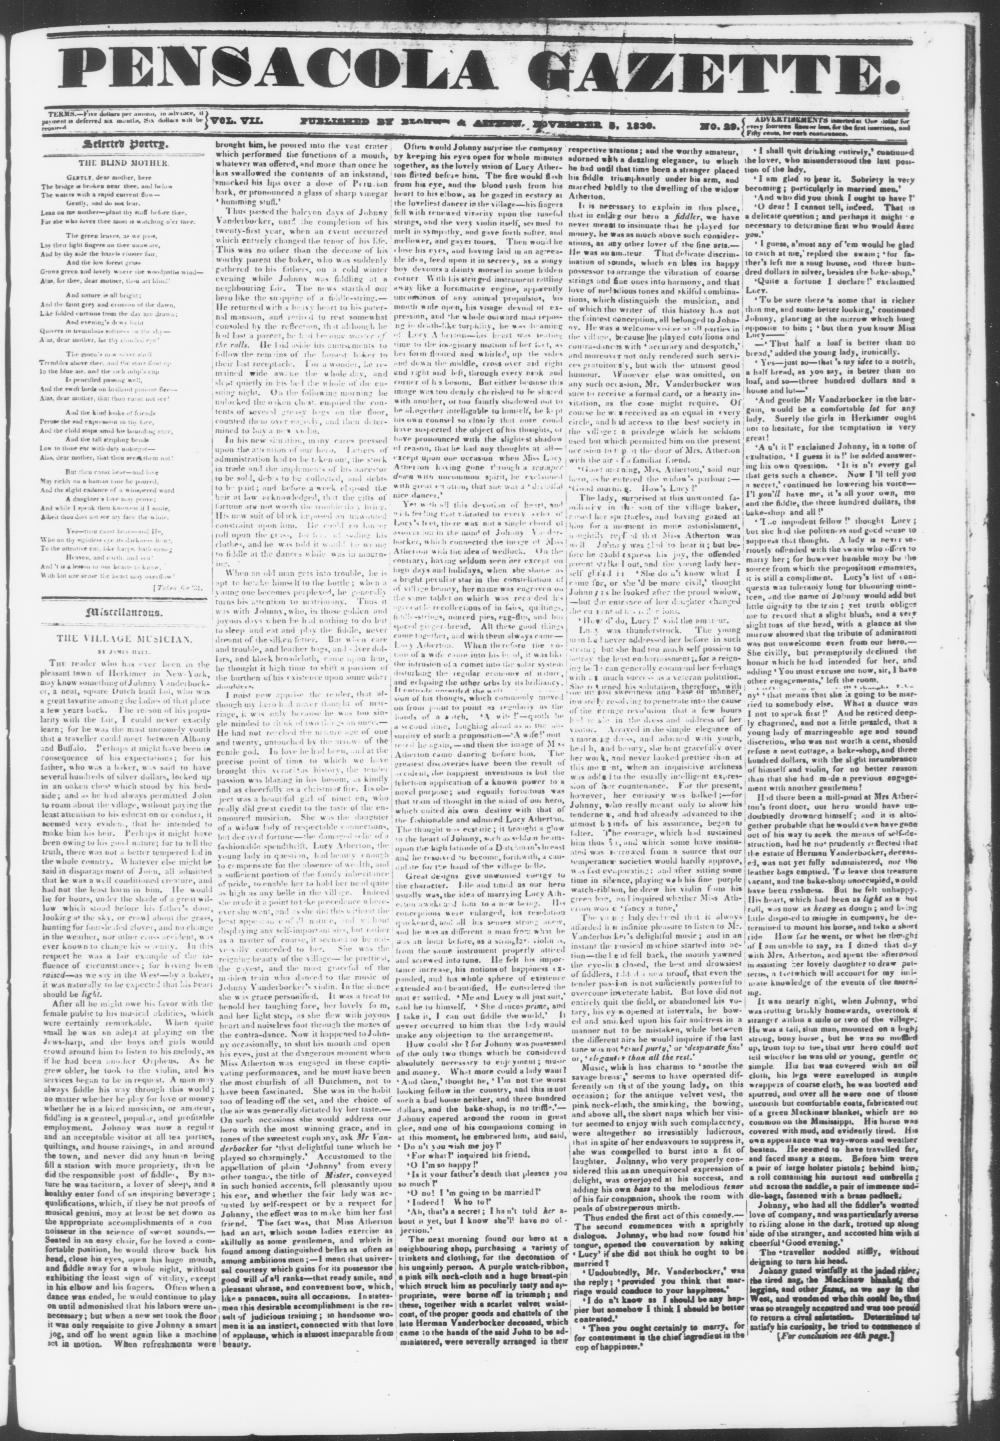 Pensacola gazette - Page 1